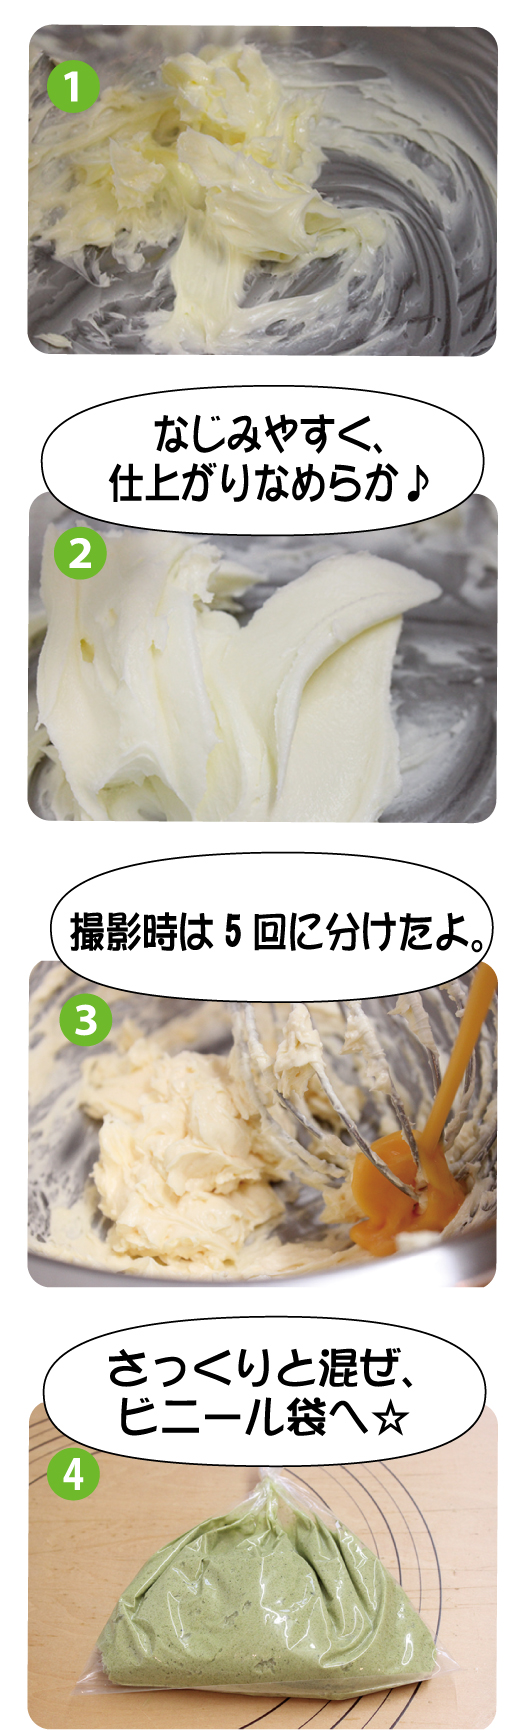 抹茶のアーモンドクリーム